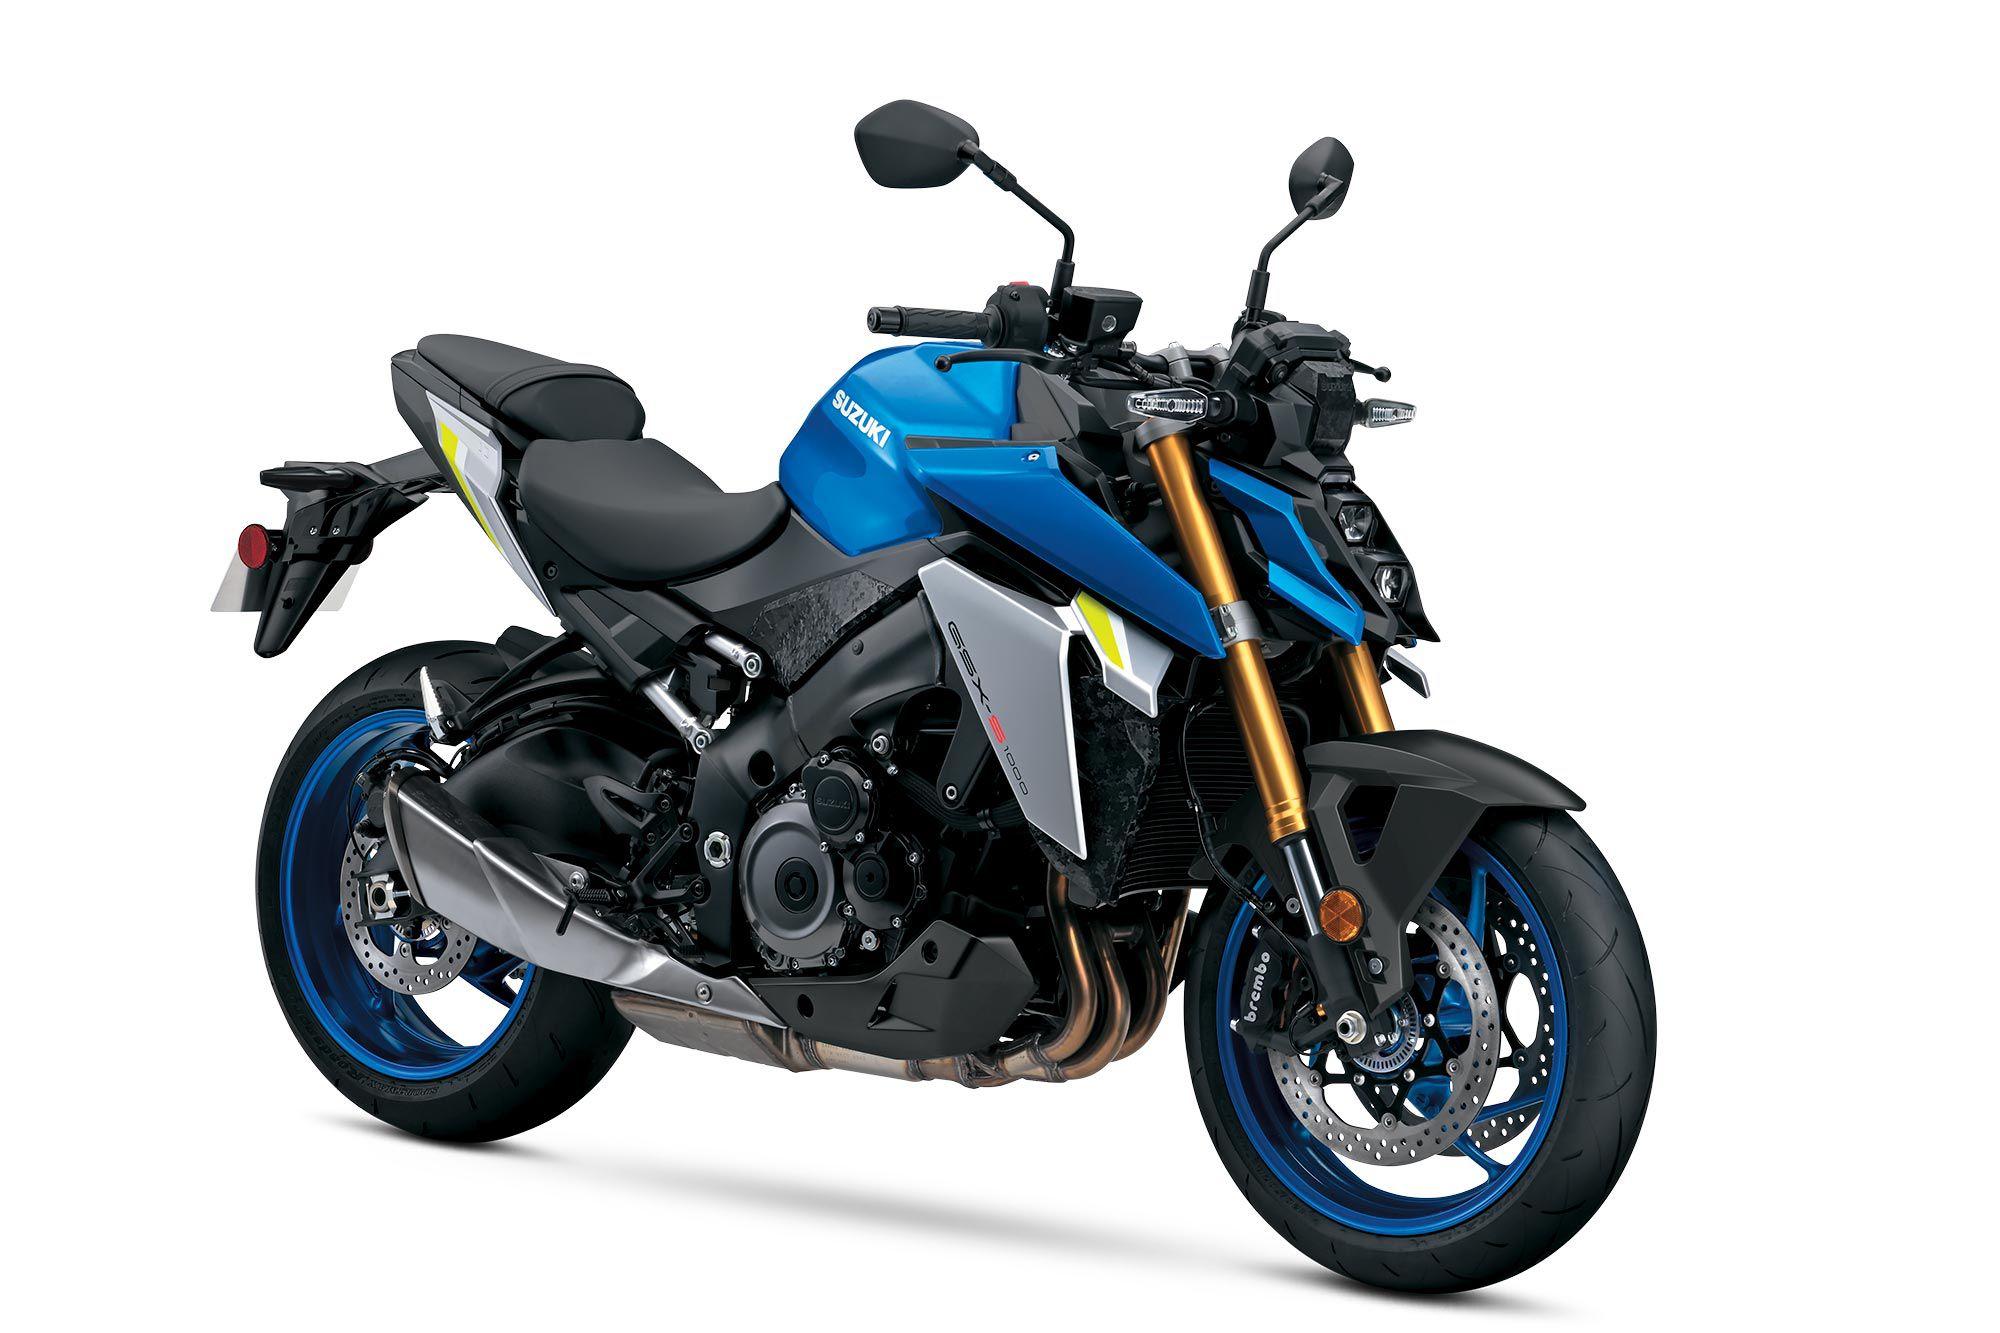 2022 Suzuki GSX-S1000 (Metallic Triton Blue).